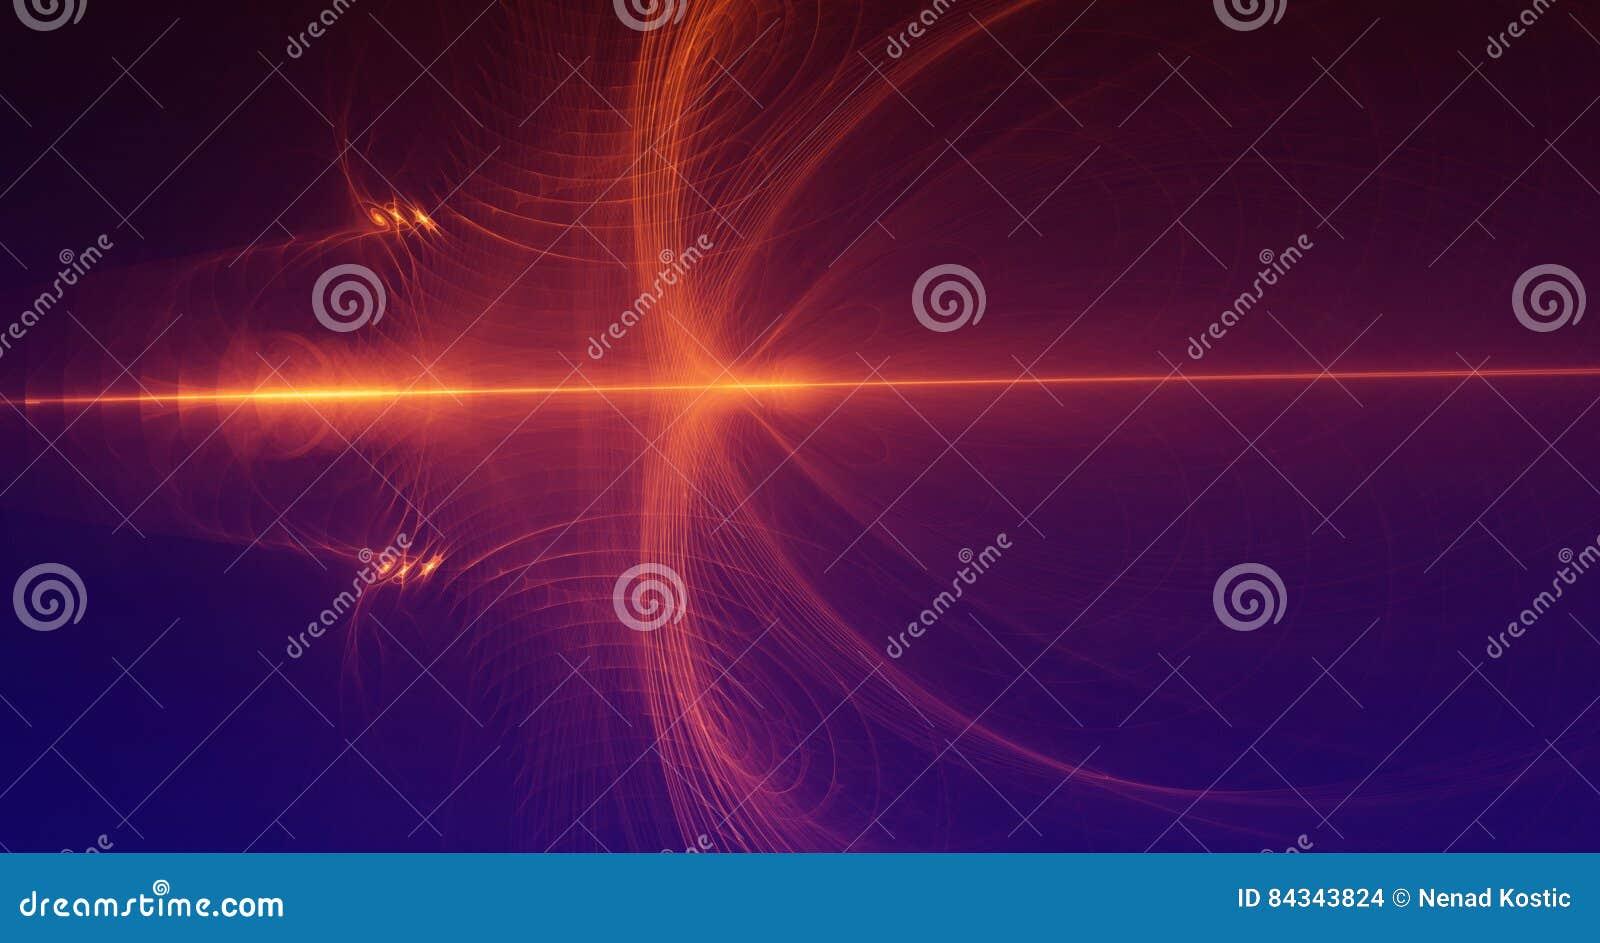 La luce rossa ed arancio astratta emette luce su fondo blu scuro